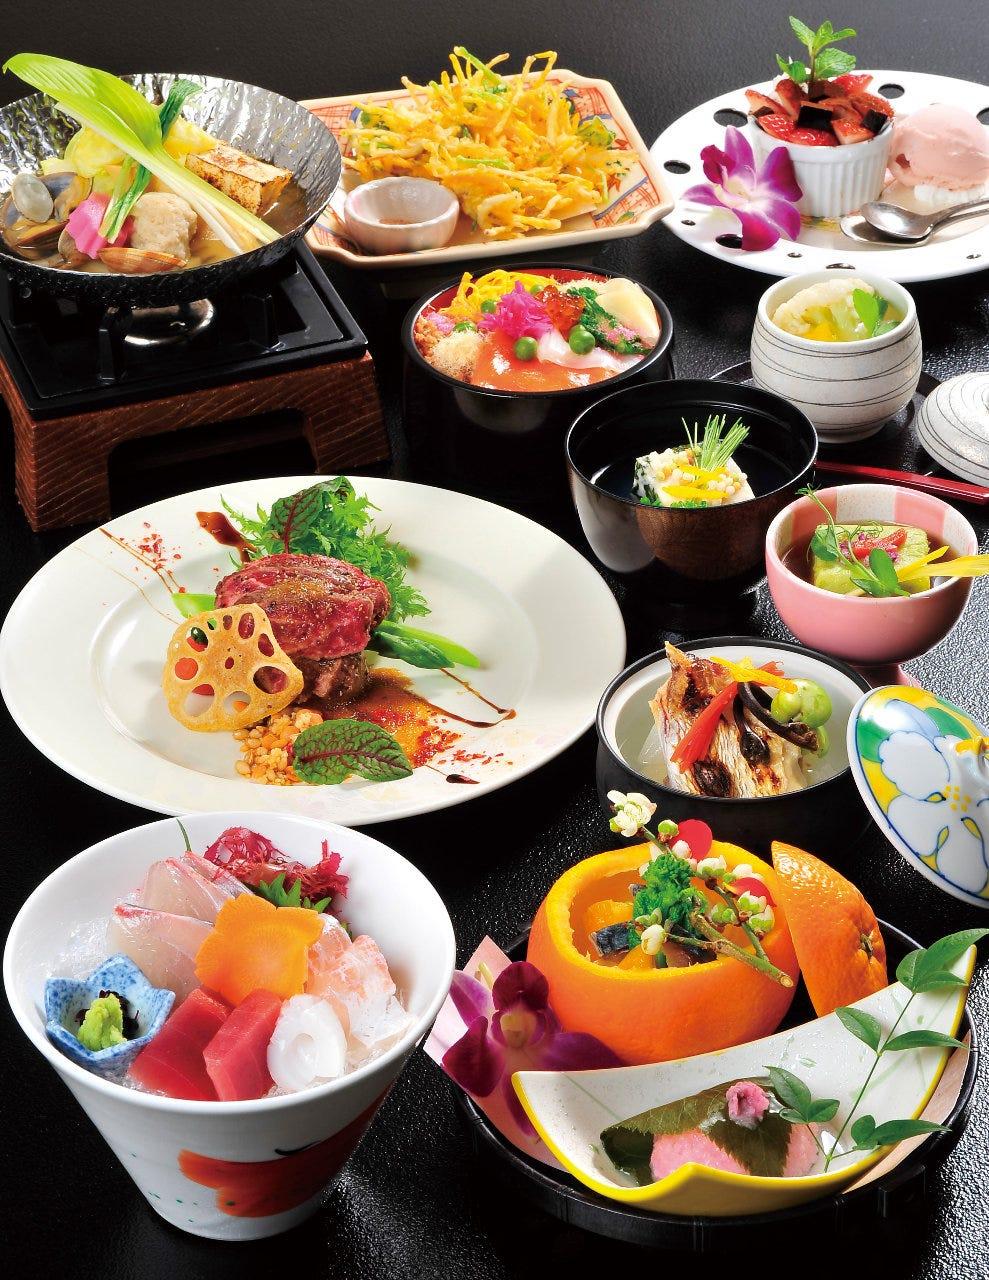 季節の食材を用いた夢咲屋のコース